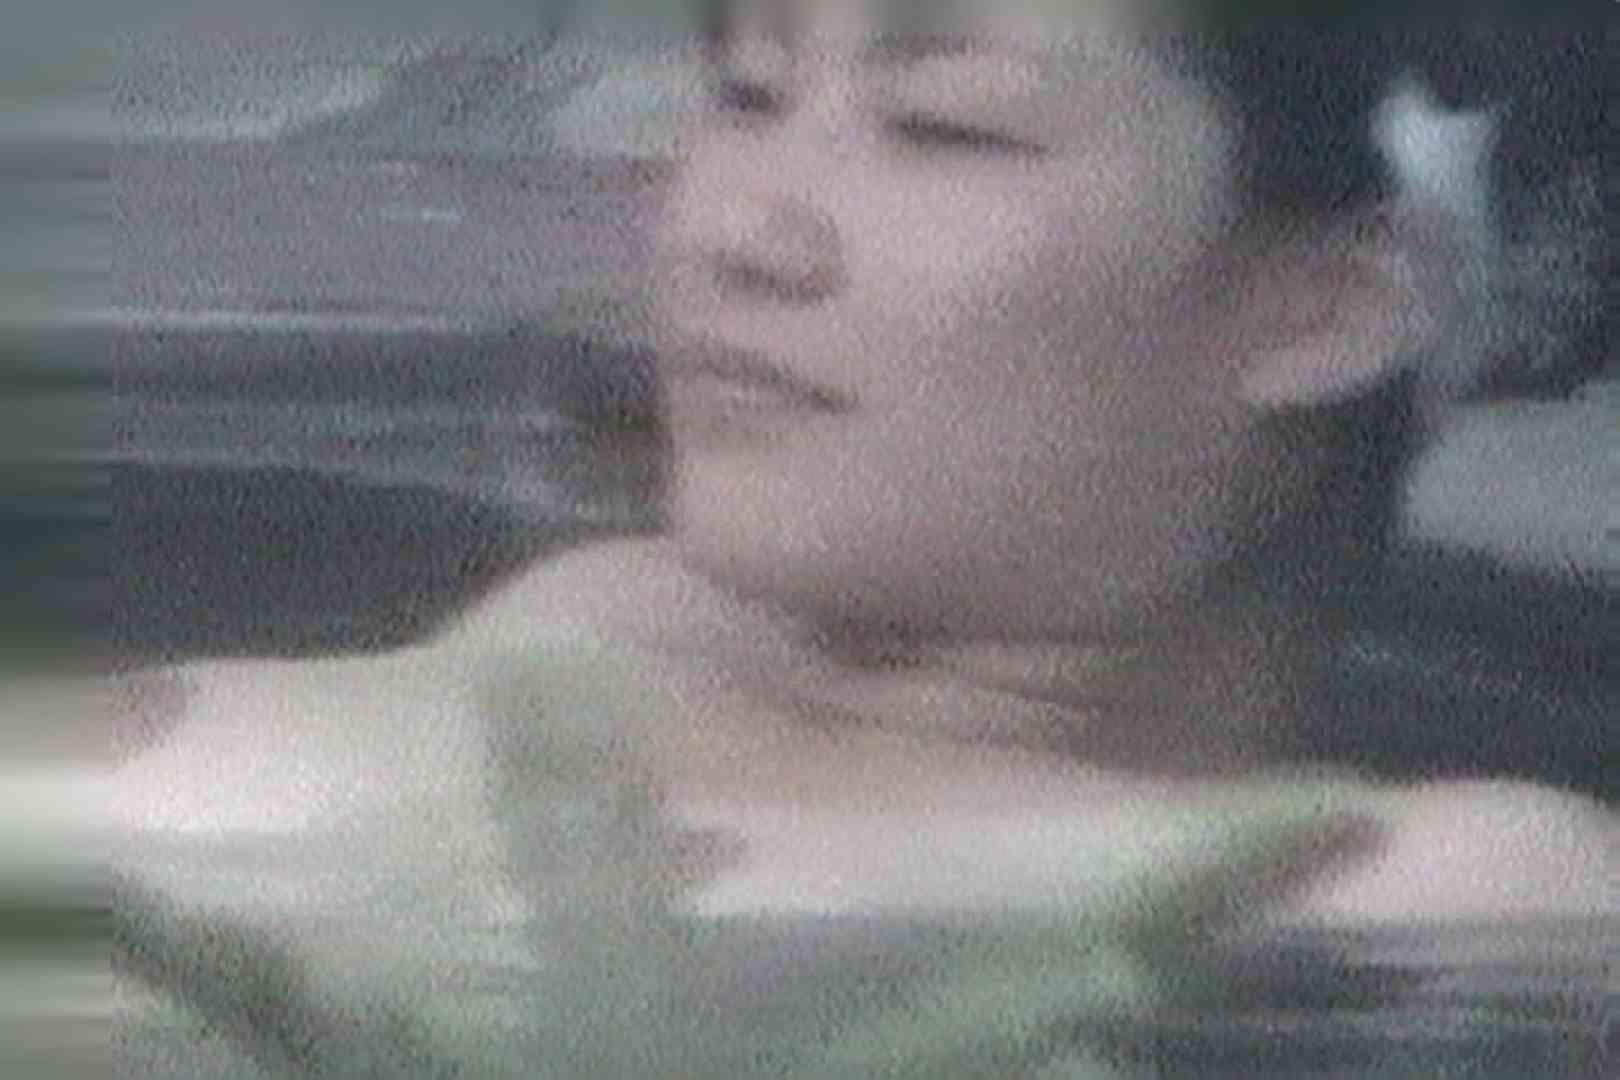 Aquaな露天風呂Vol.103 露天 | 盗撮  57画像 10